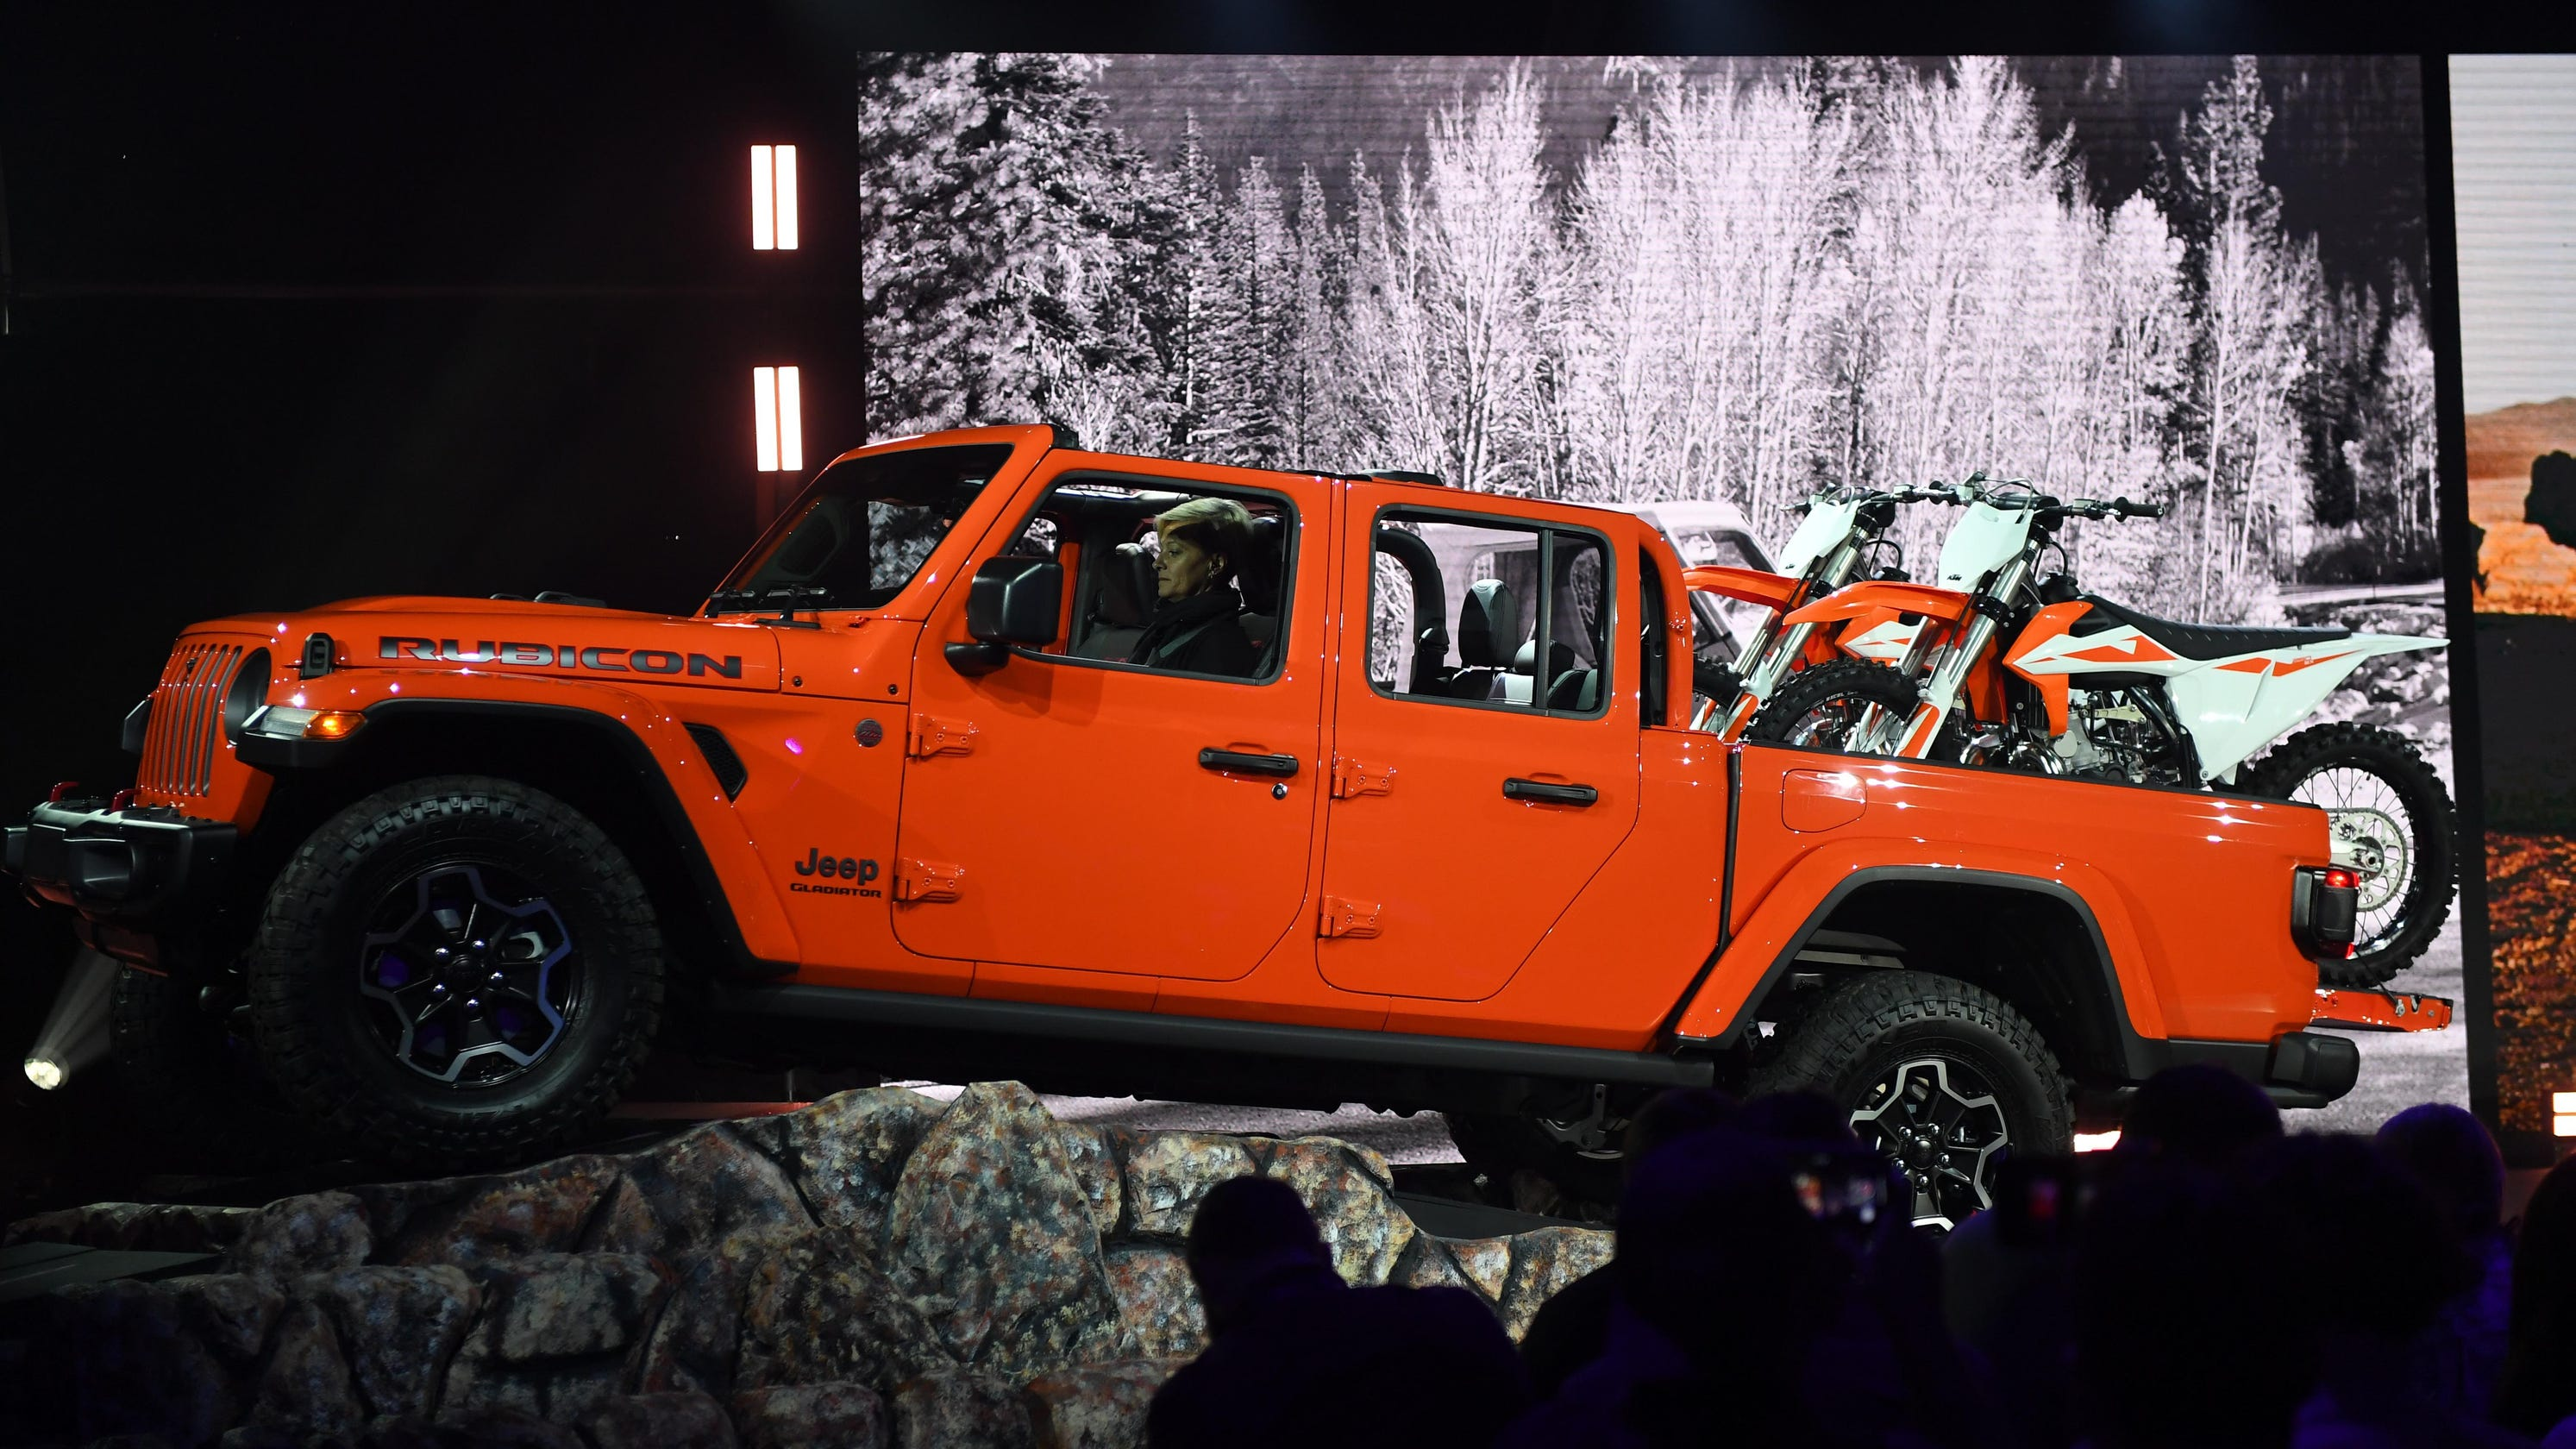 la auto show jeep gladiator kia soul porsche are top picks. Black Bedroom Furniture Sets. Home Design Ideas